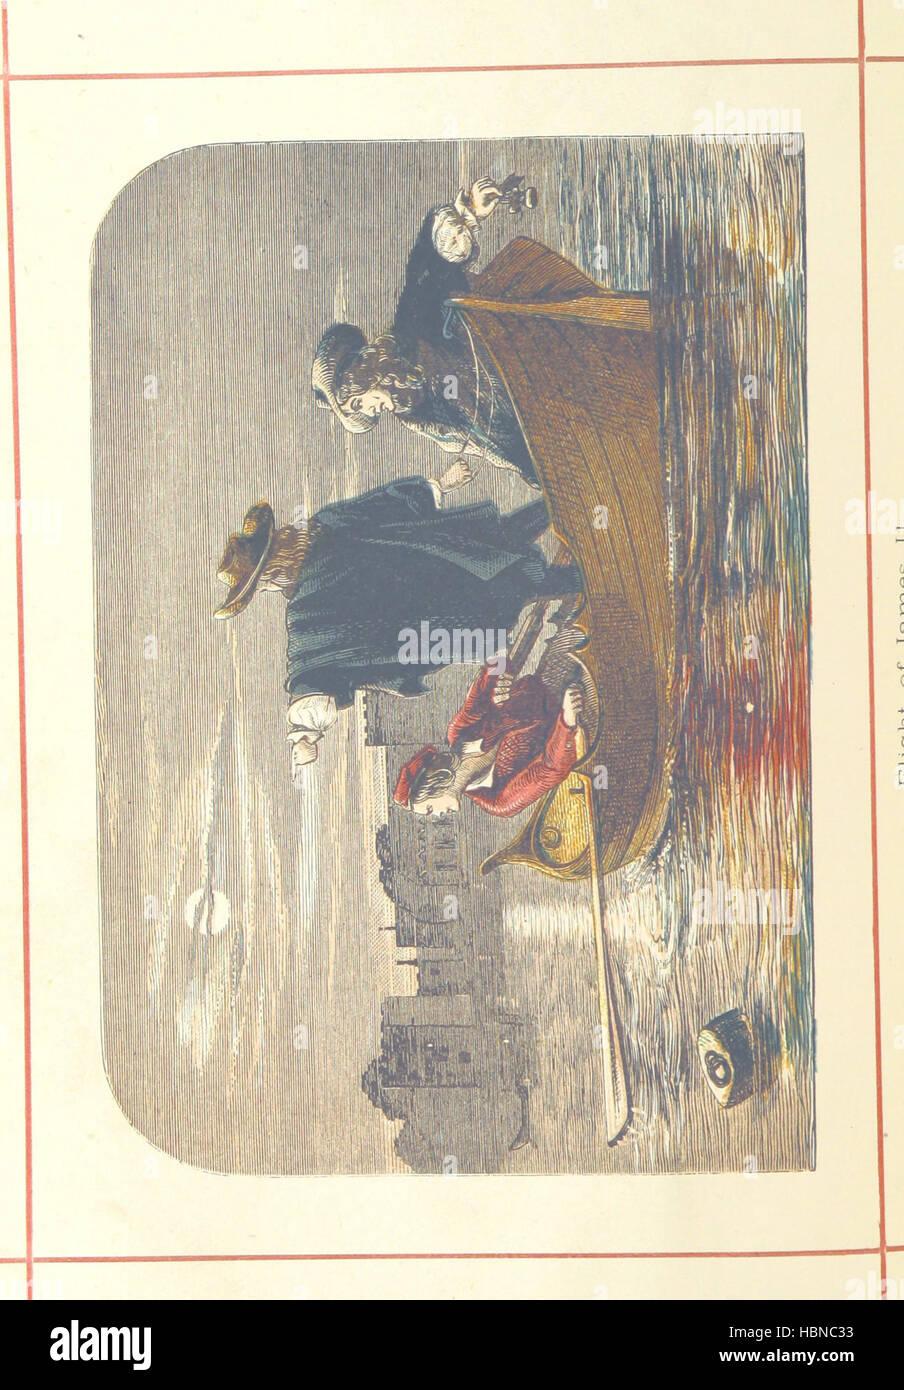 Hanes Prydain Fawr: o'r cyfnod boreuaf hyd yr amser presenol, etc. [With plates.] Image taken from page 214 - Stock Image